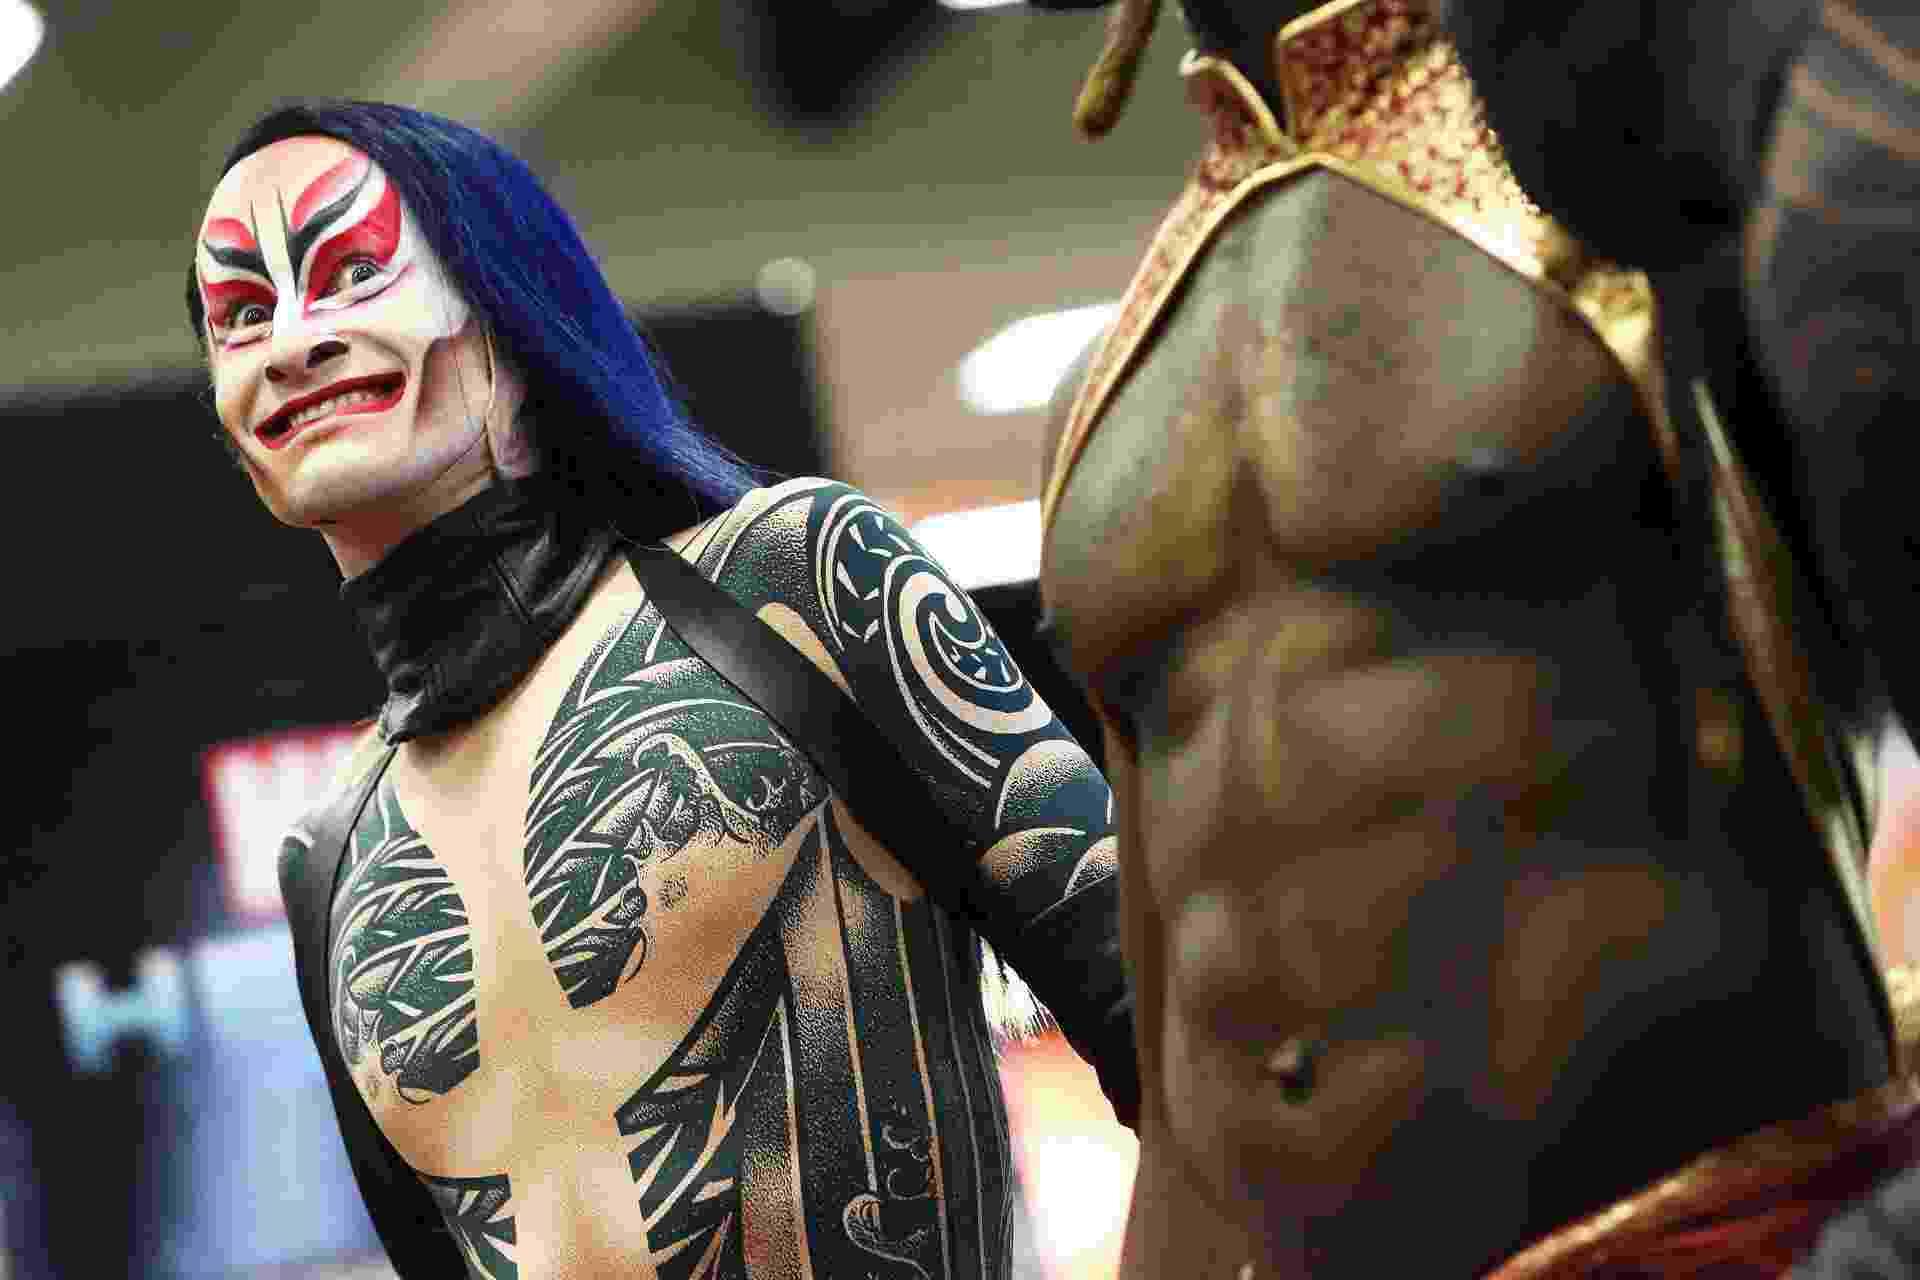 """Integrantes do espetáculo """"KÀ"""" do Cirque du Soleil posam para fotos Comic-Con, em San Diego. A companhia circense fechou uma parceria com a Marvel e lançou um quadrinho no evento (14/7/12) - Alexandra Wyman/Getty Images"""